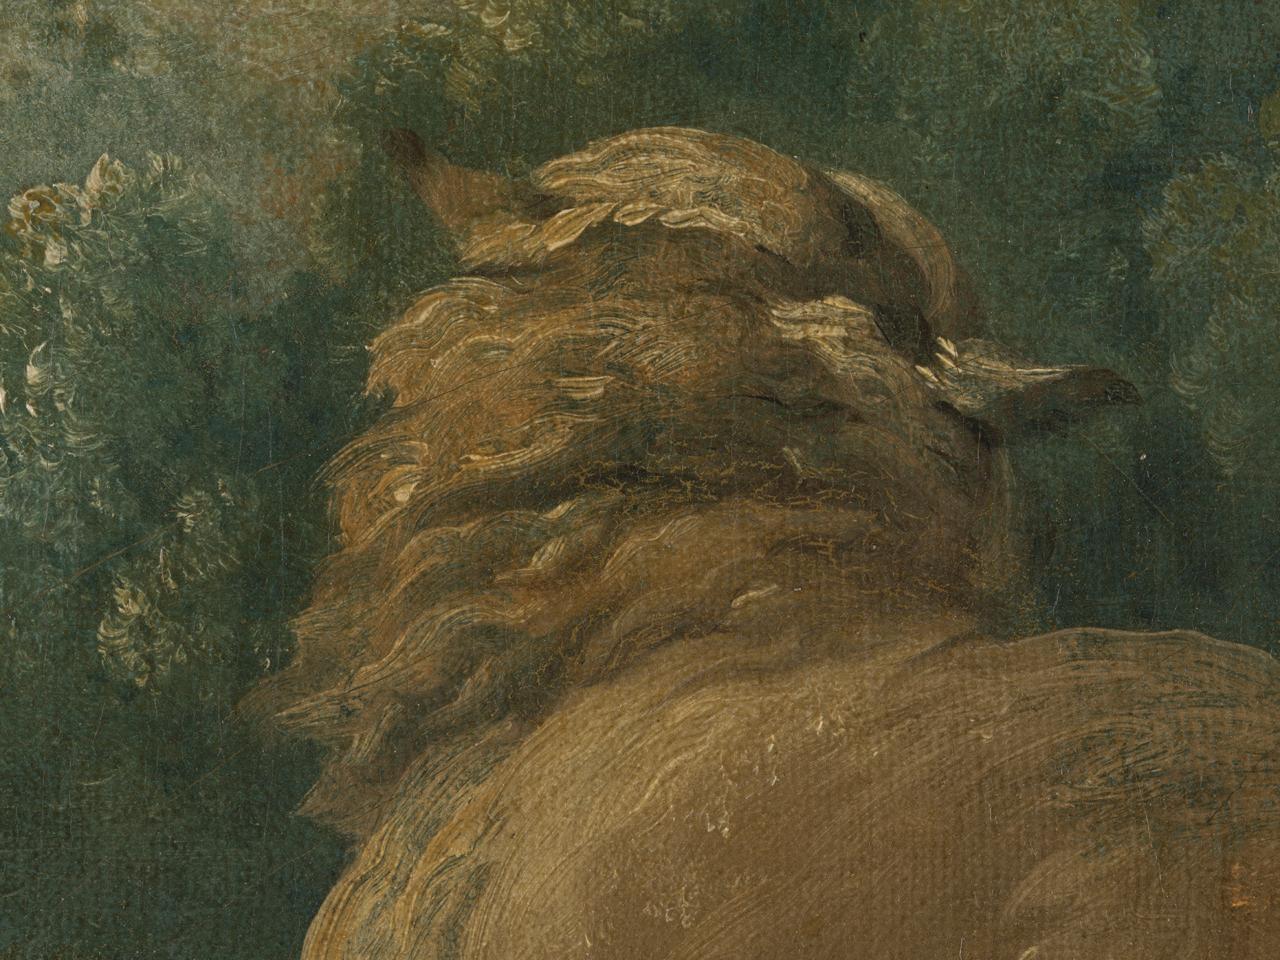 Detail des Boucher-Gemäldes, das seine schnelle und effiziente Malweise veranschaulicht.